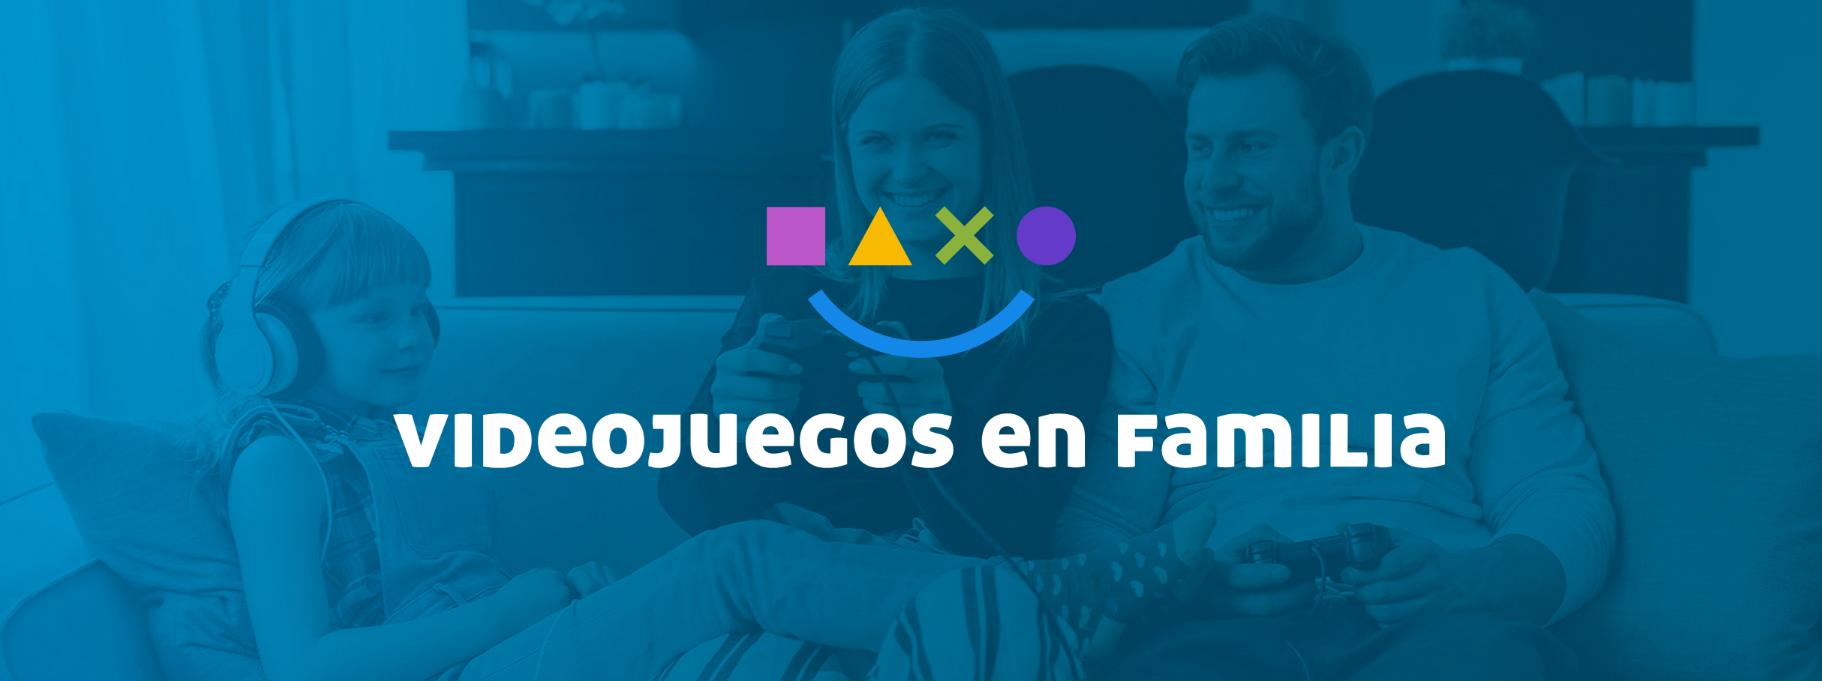 PantallasAmigas videojuegos en familia